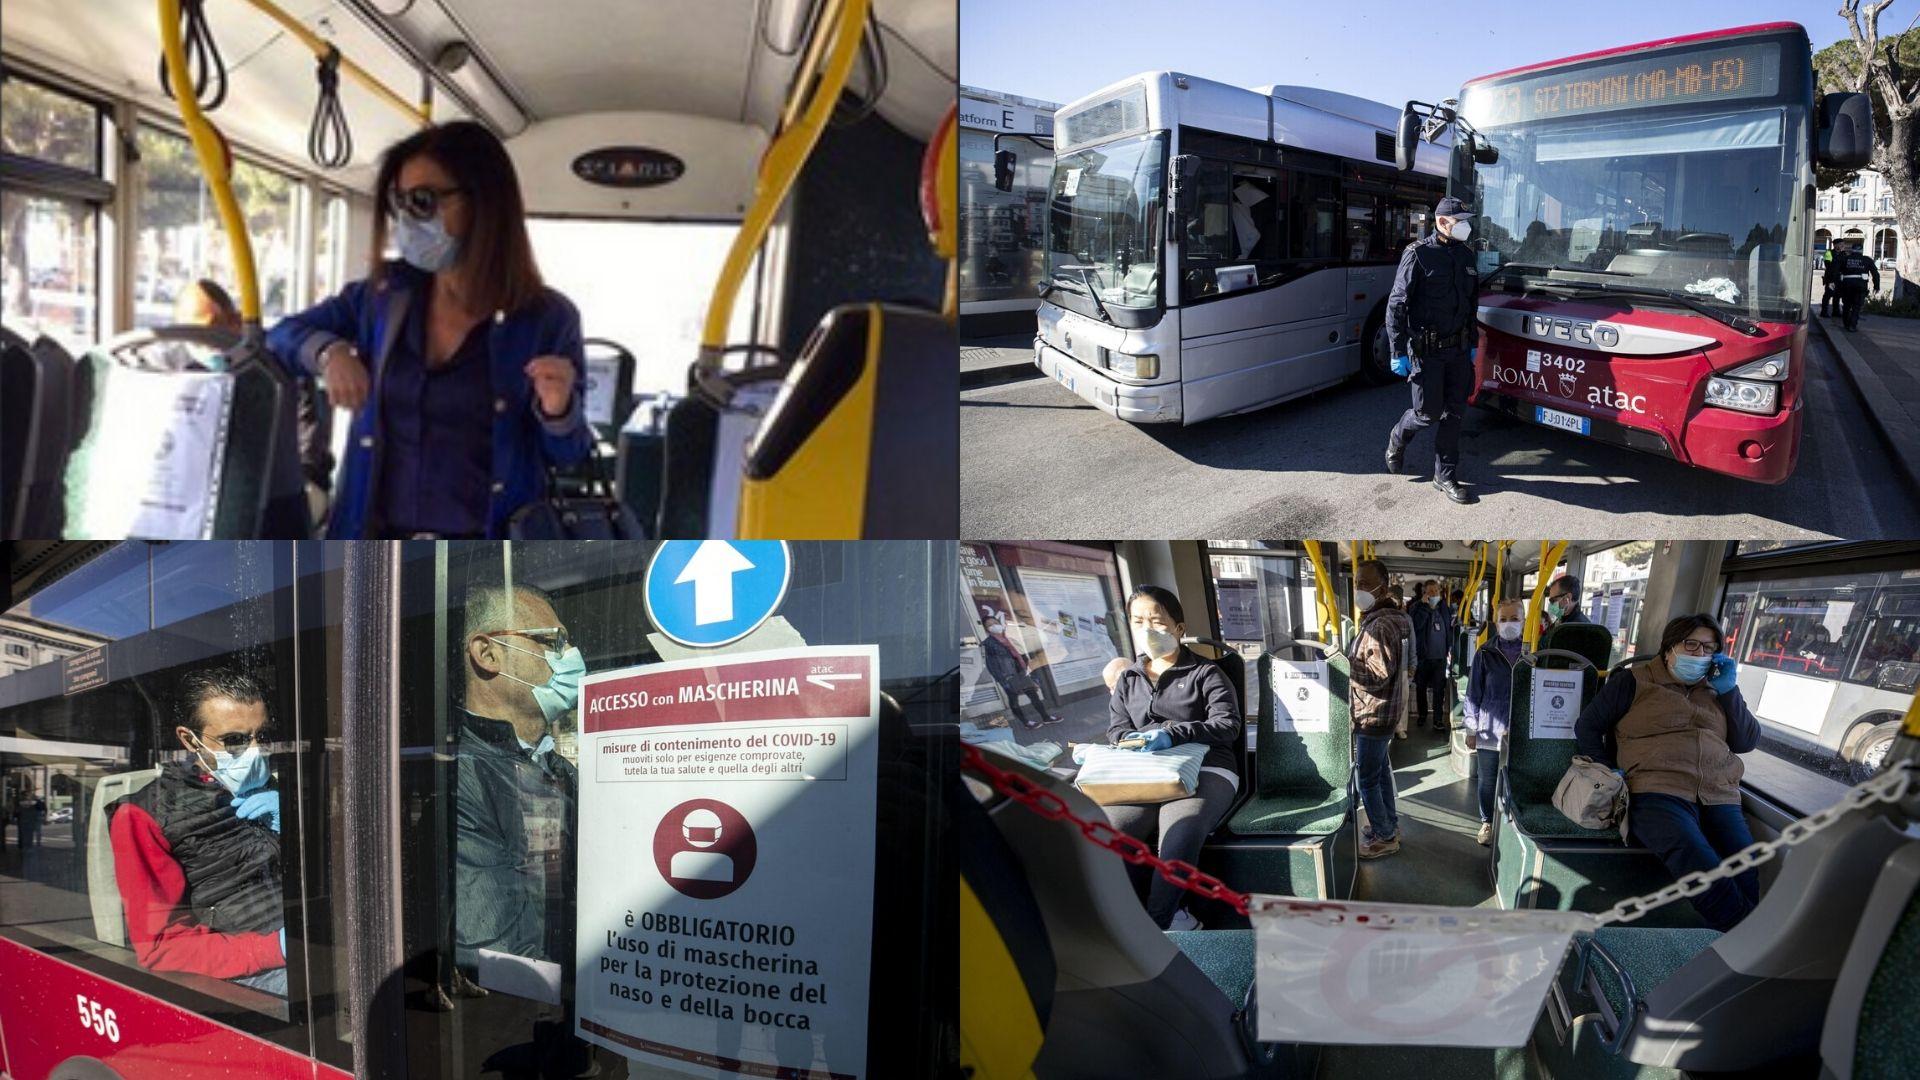 Fase 2 trasporti Roma: la ministra De Micheli testa il servizio a Termini FOTO